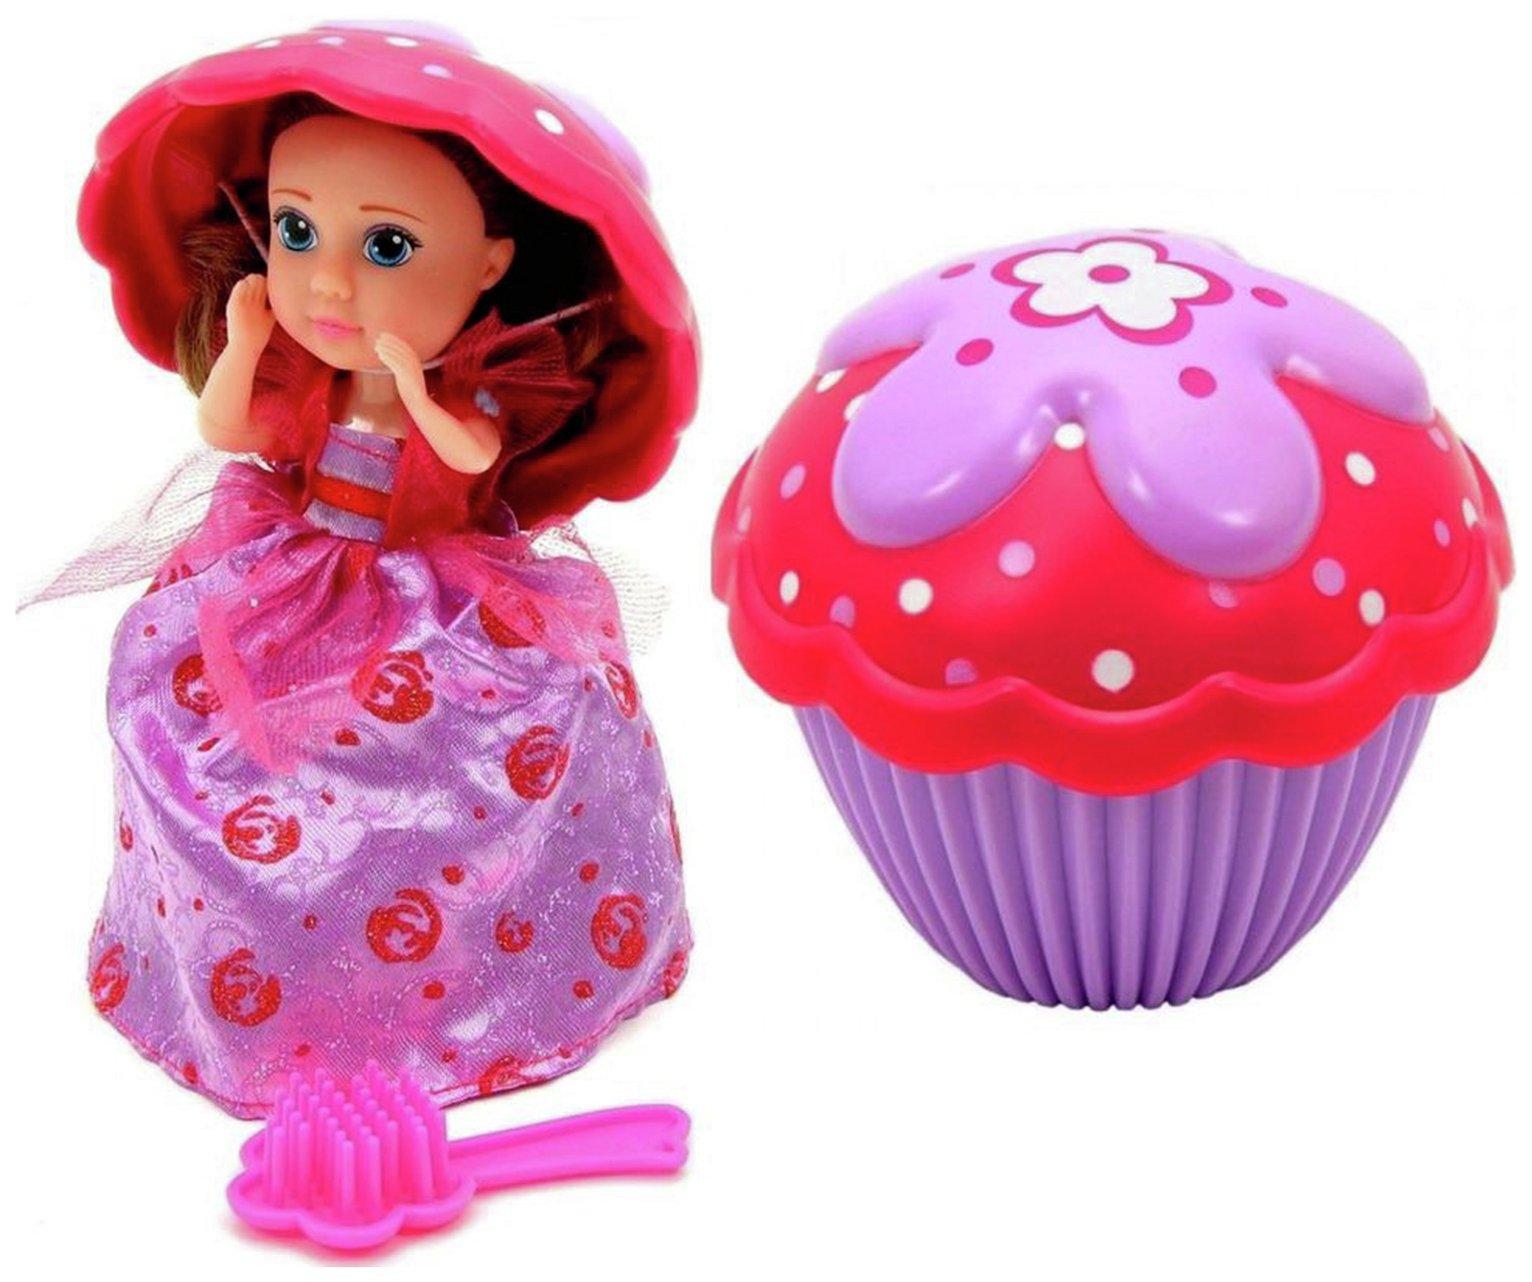 Image of Cupcake Surprise Princess Assortment